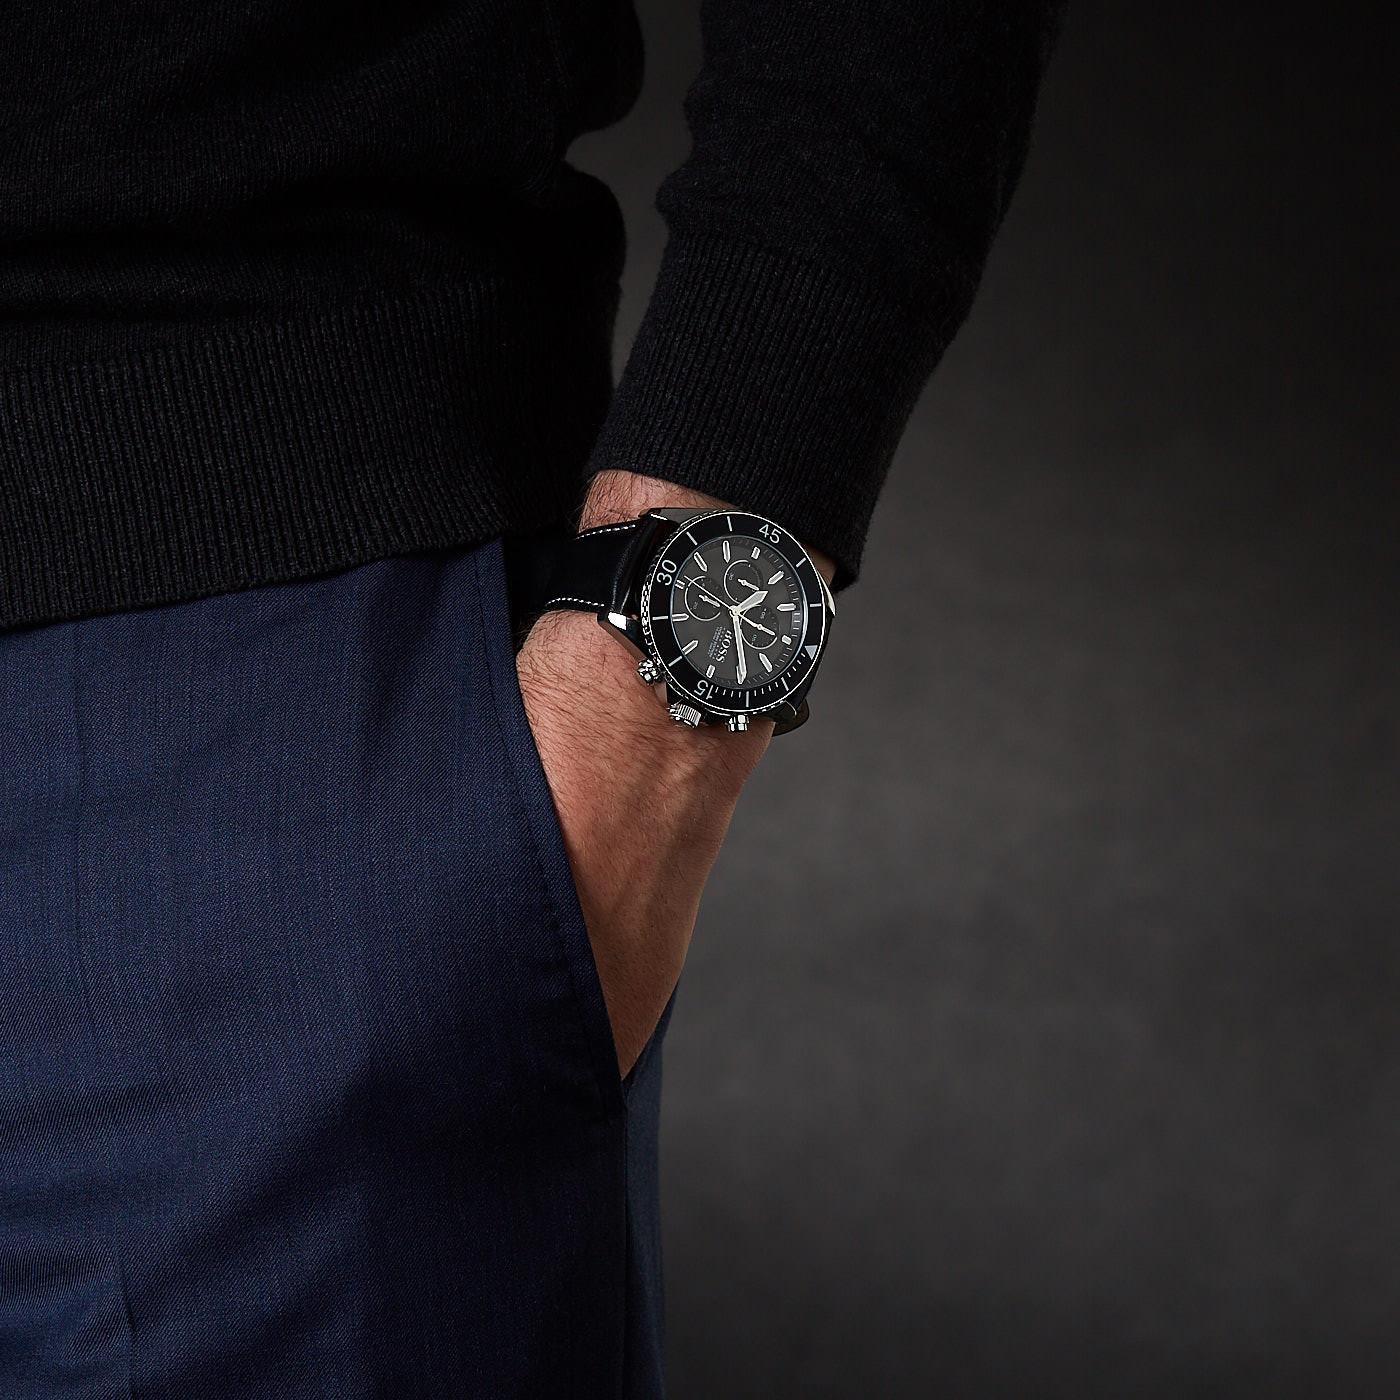 BOSS Ocean Edition Chronograaf horloge HB1513697